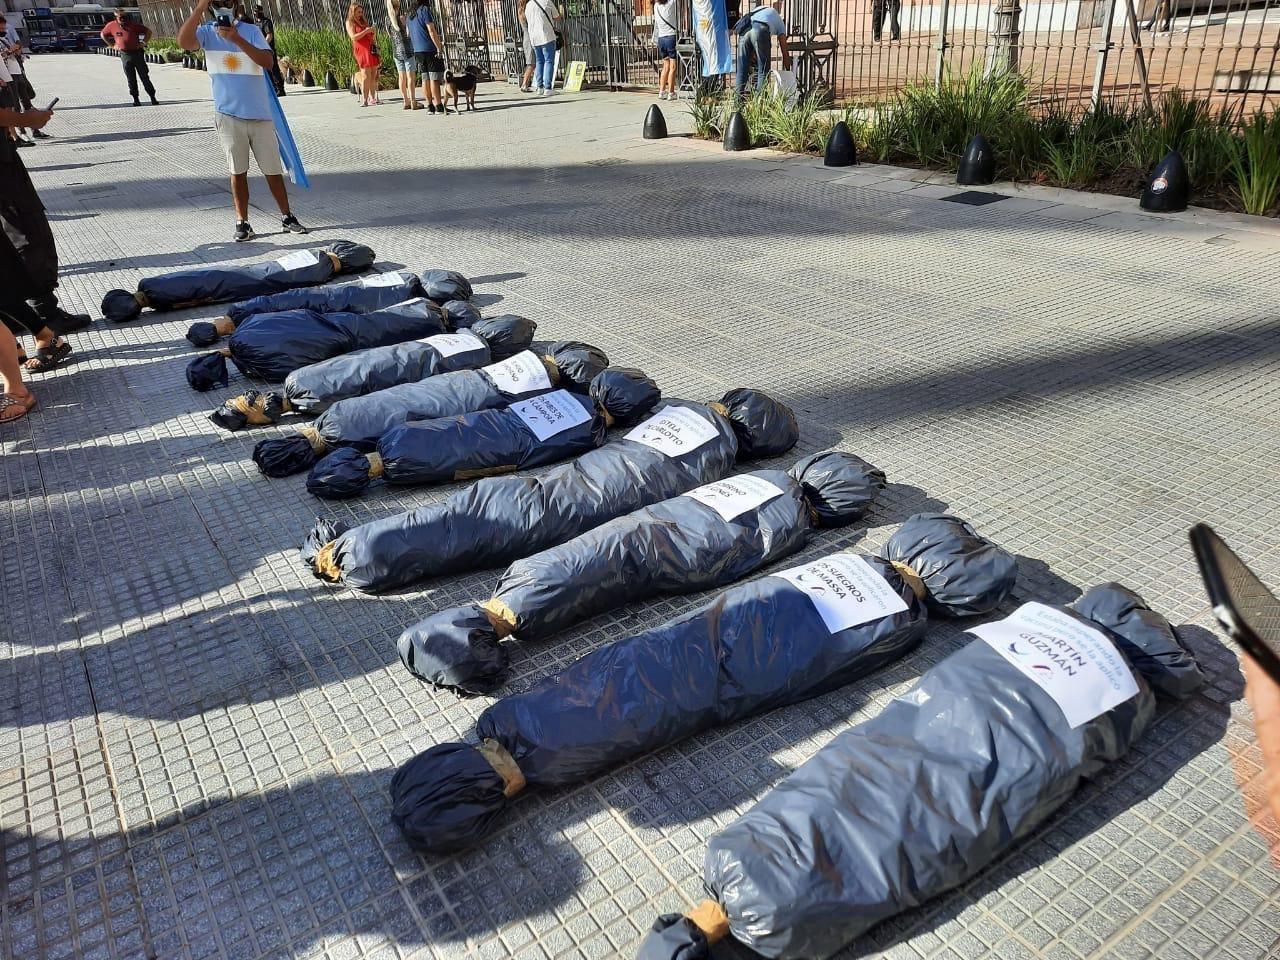 El gobernador Bordet también criticó la protesta con falsas bolsas mortuorias - Política